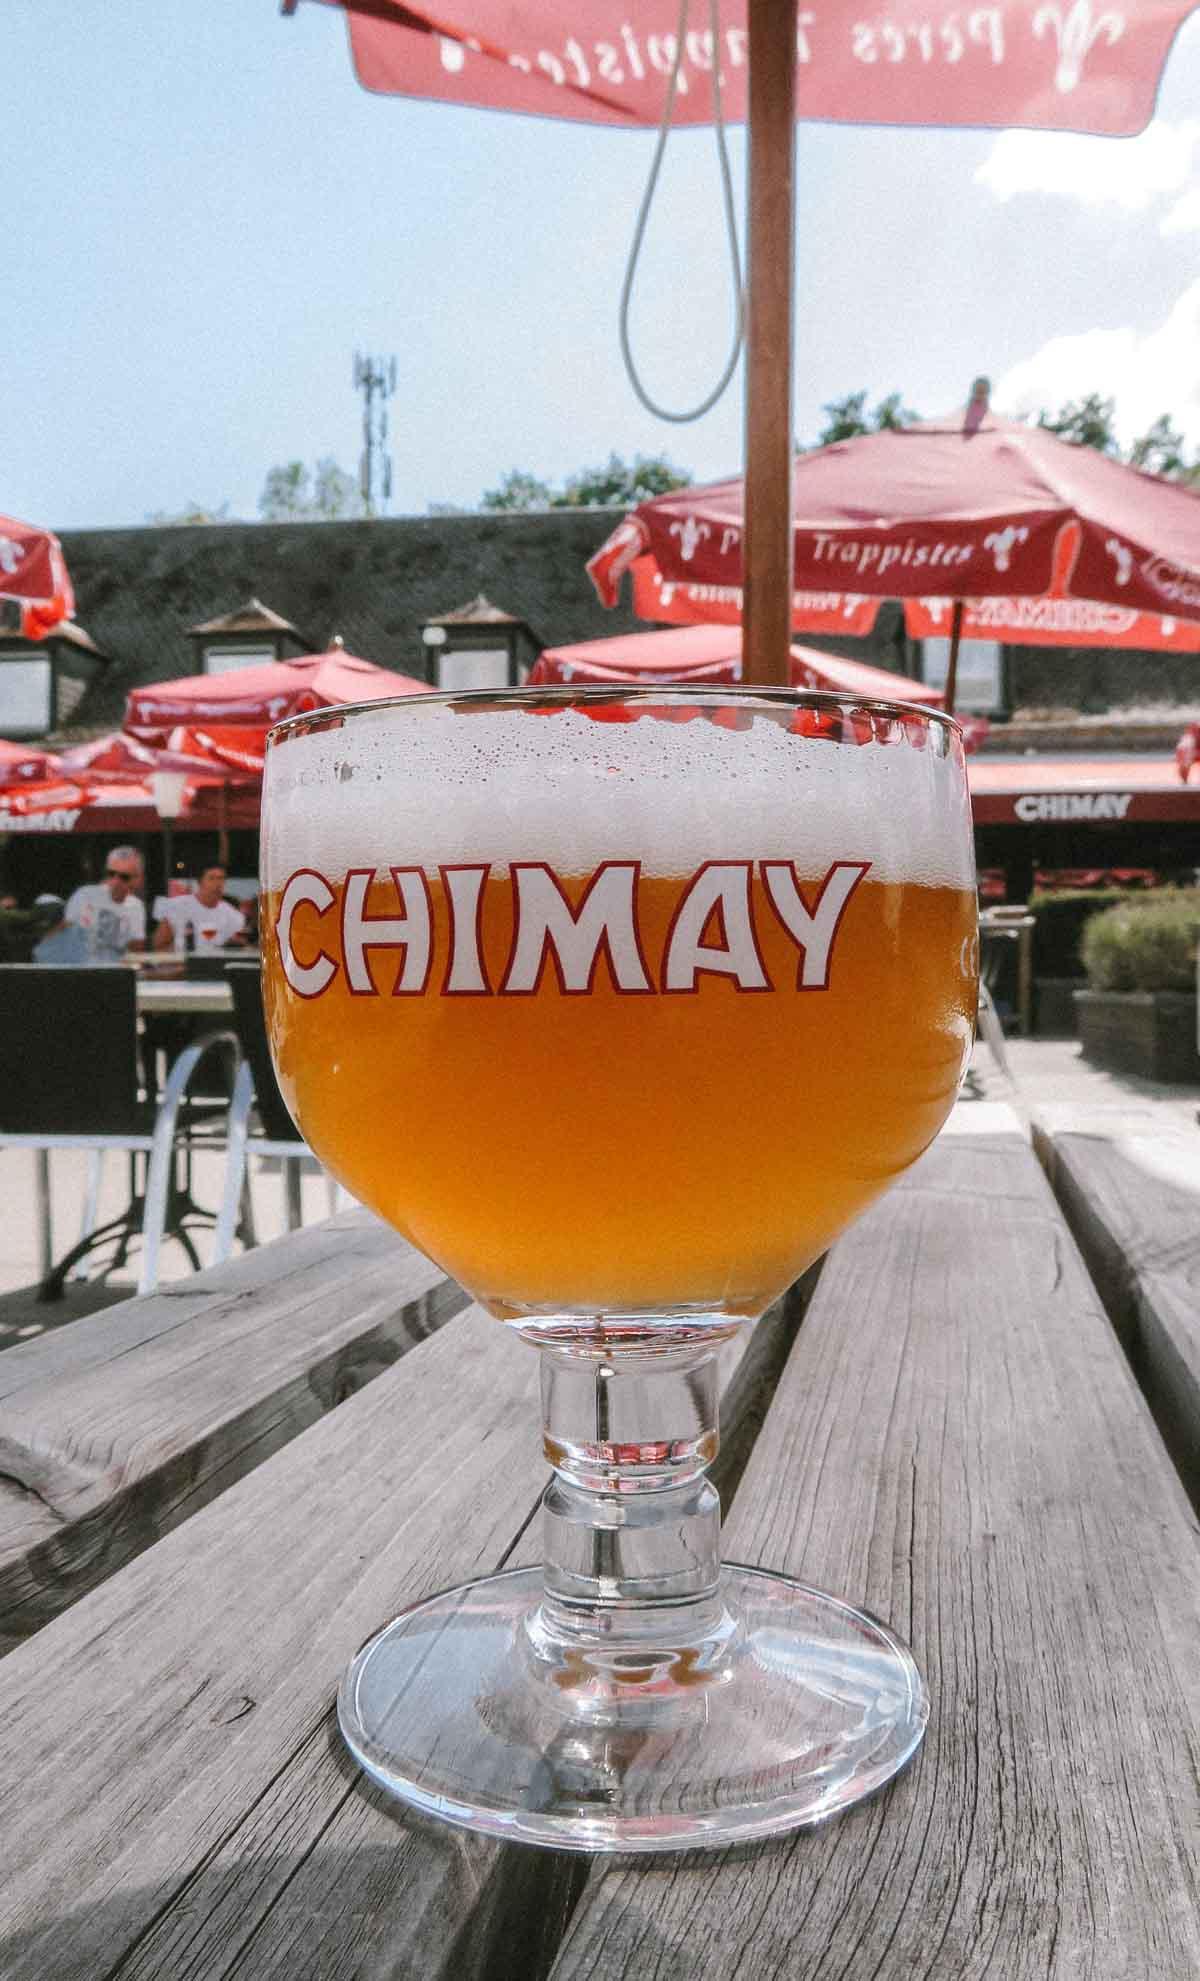 De leukste dingen om te doen in Henegouwen, Chimay Experience